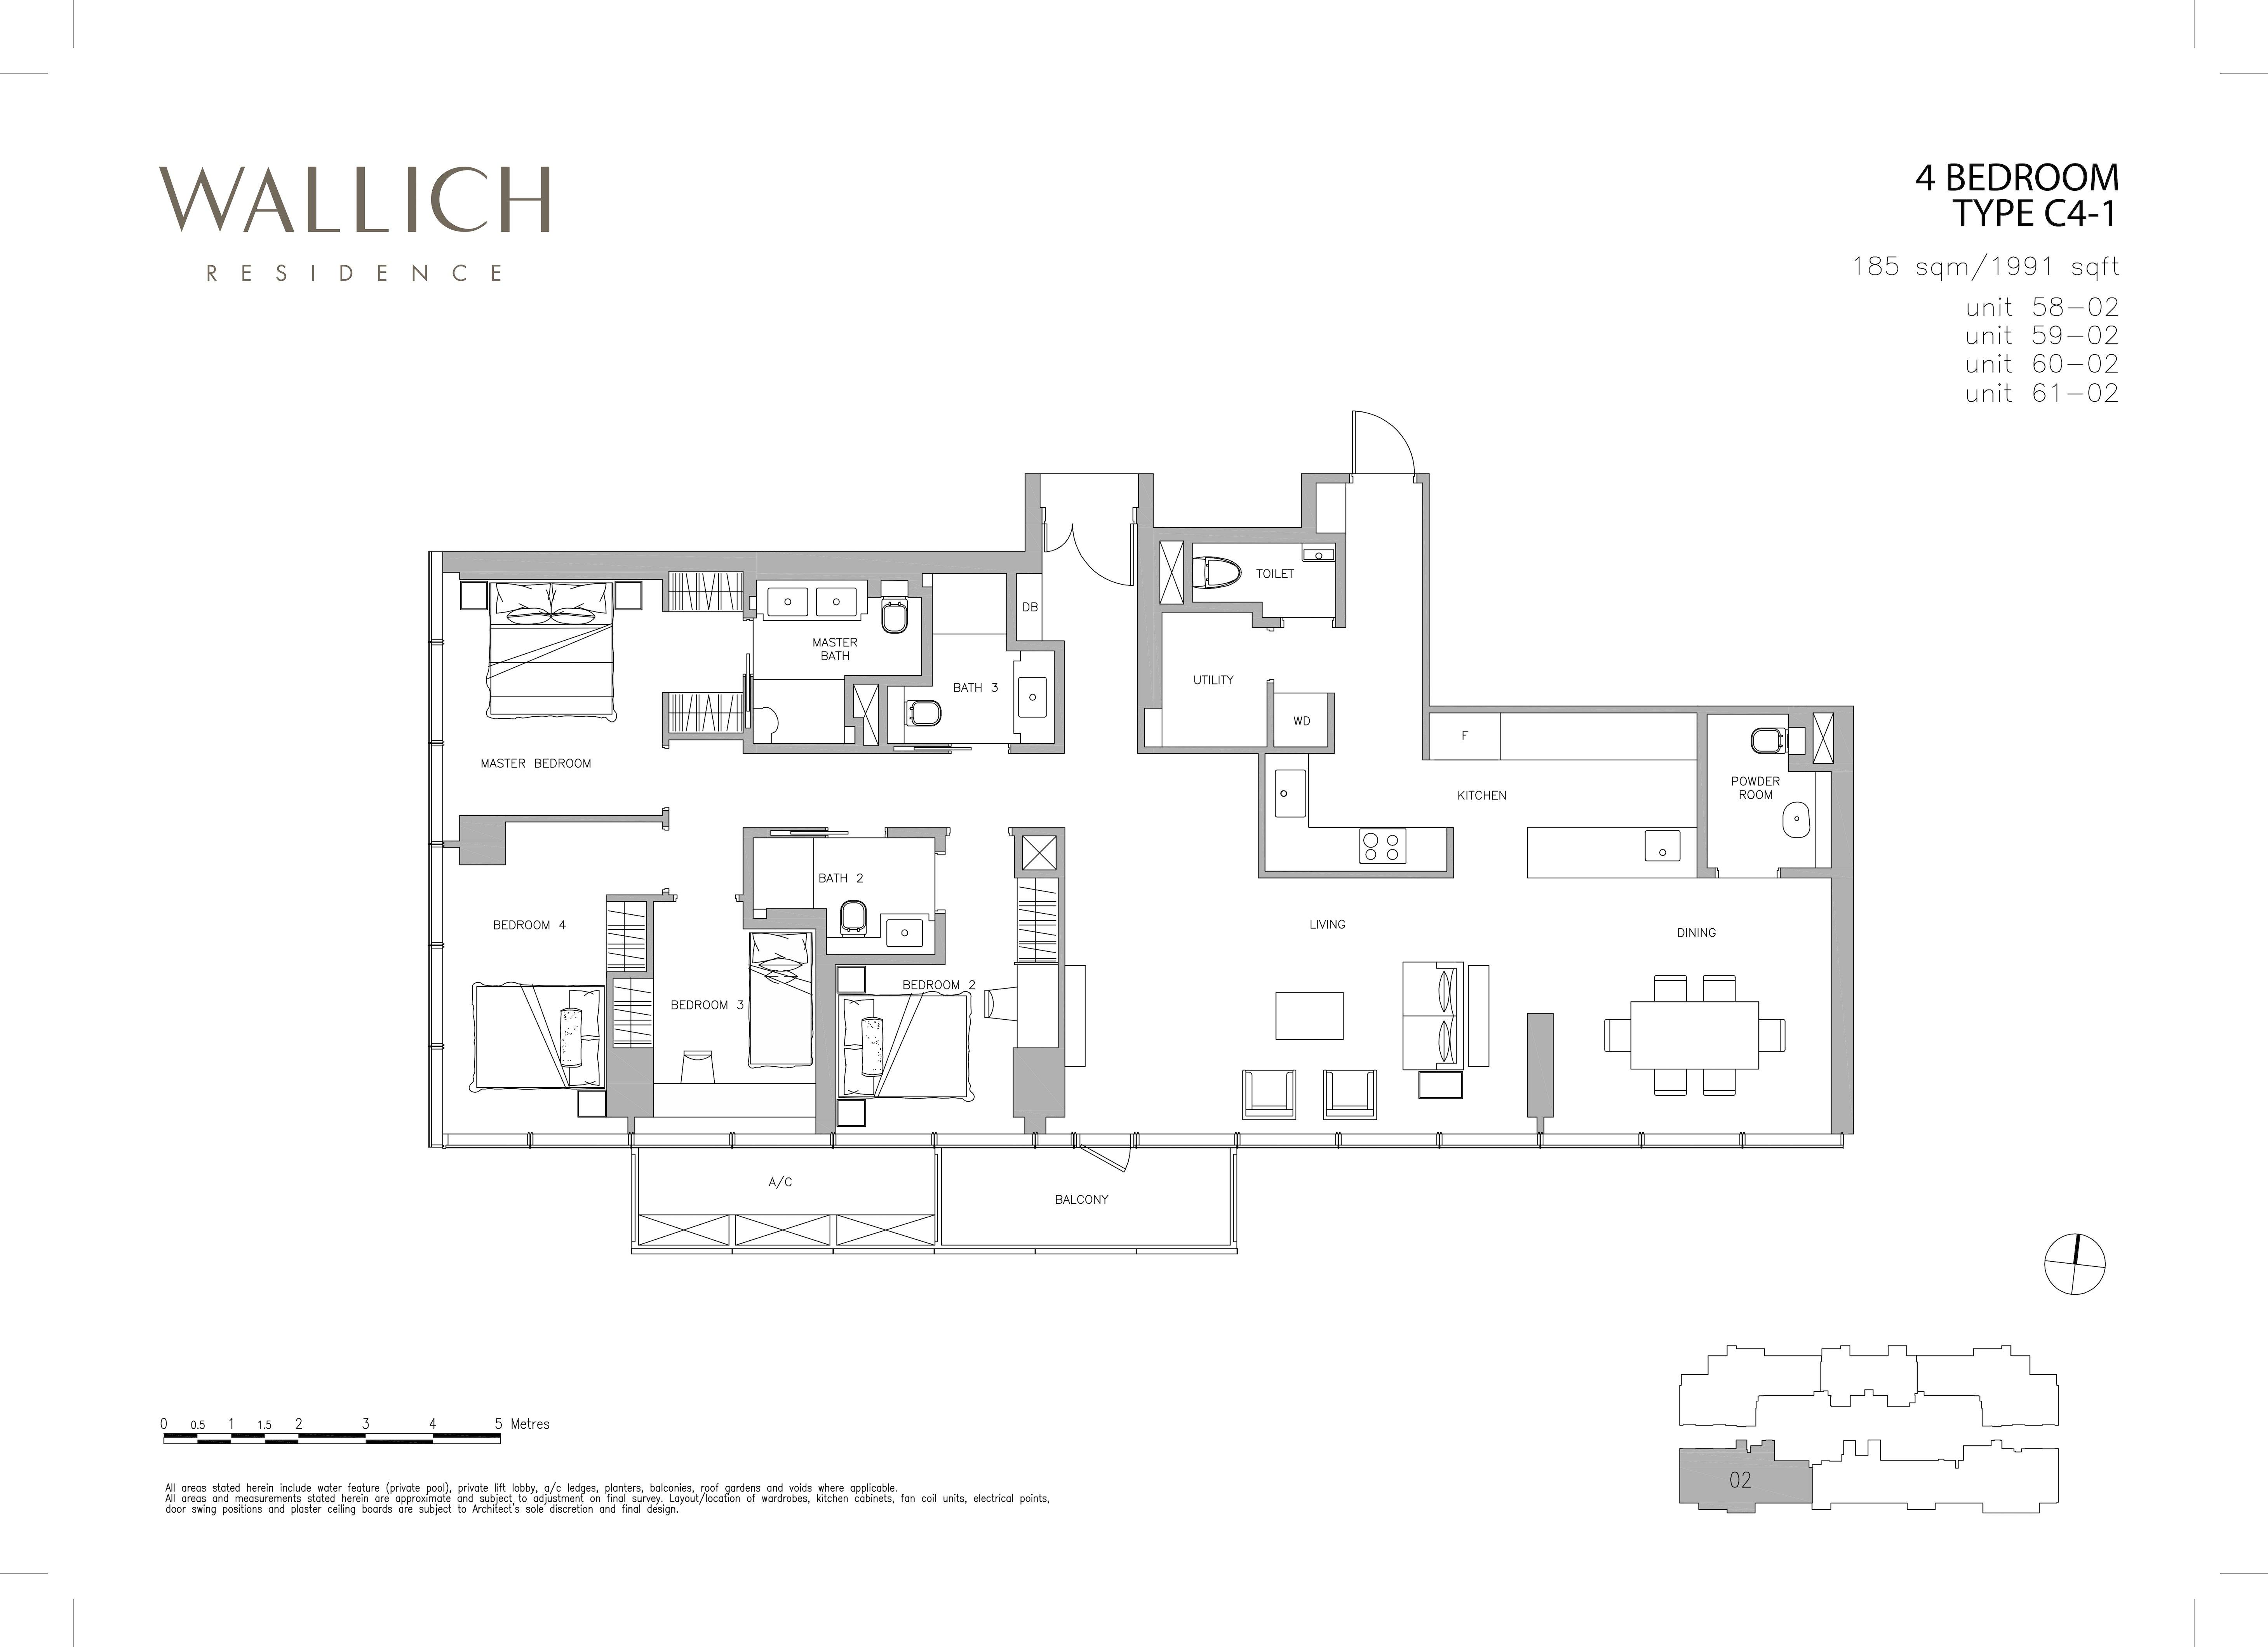 华利世家 wallich residence 4-Bedroom floor plan edit